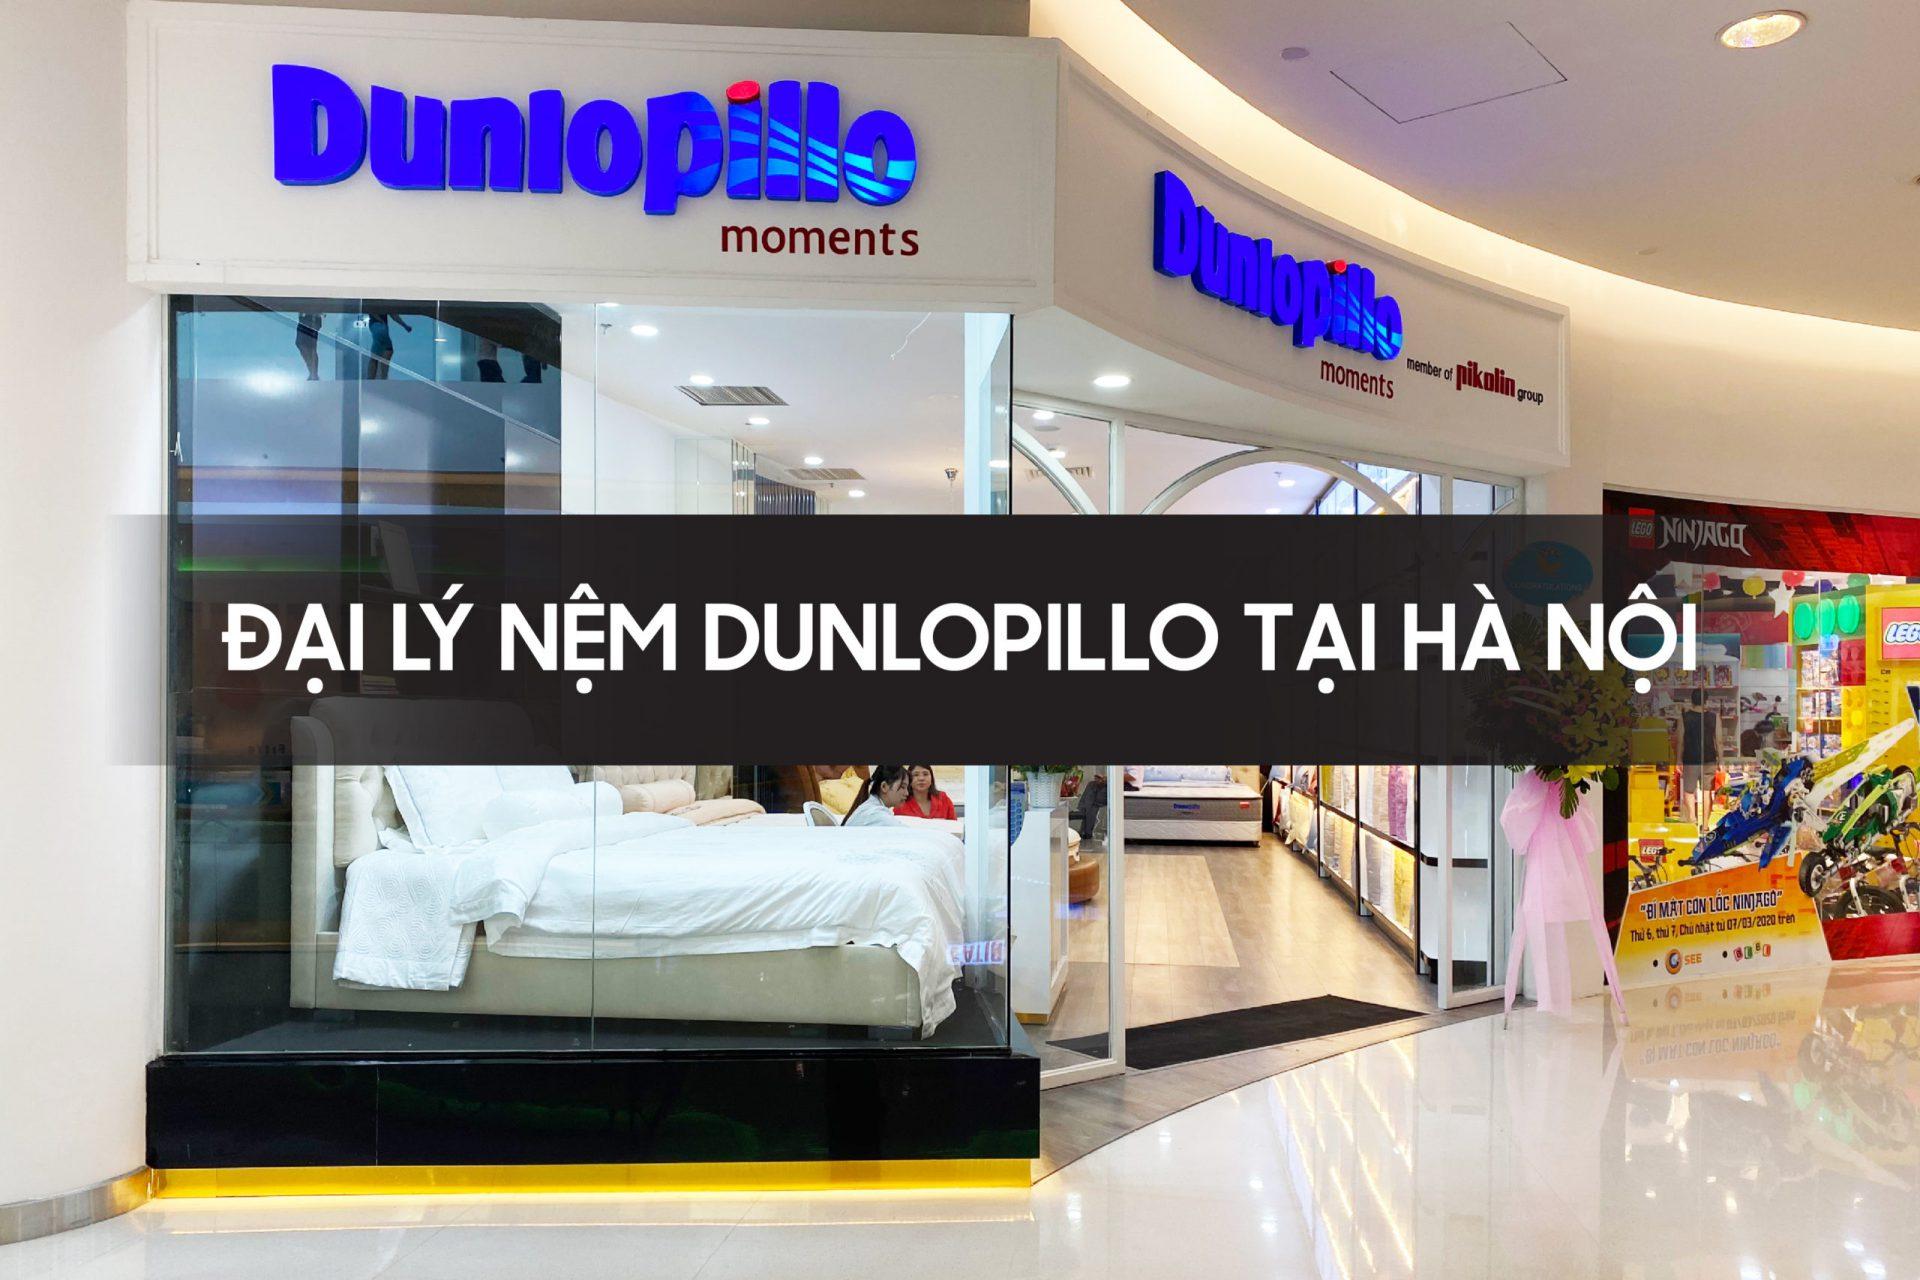 Đại lý nệm Dunlopillo tại Hà Nội